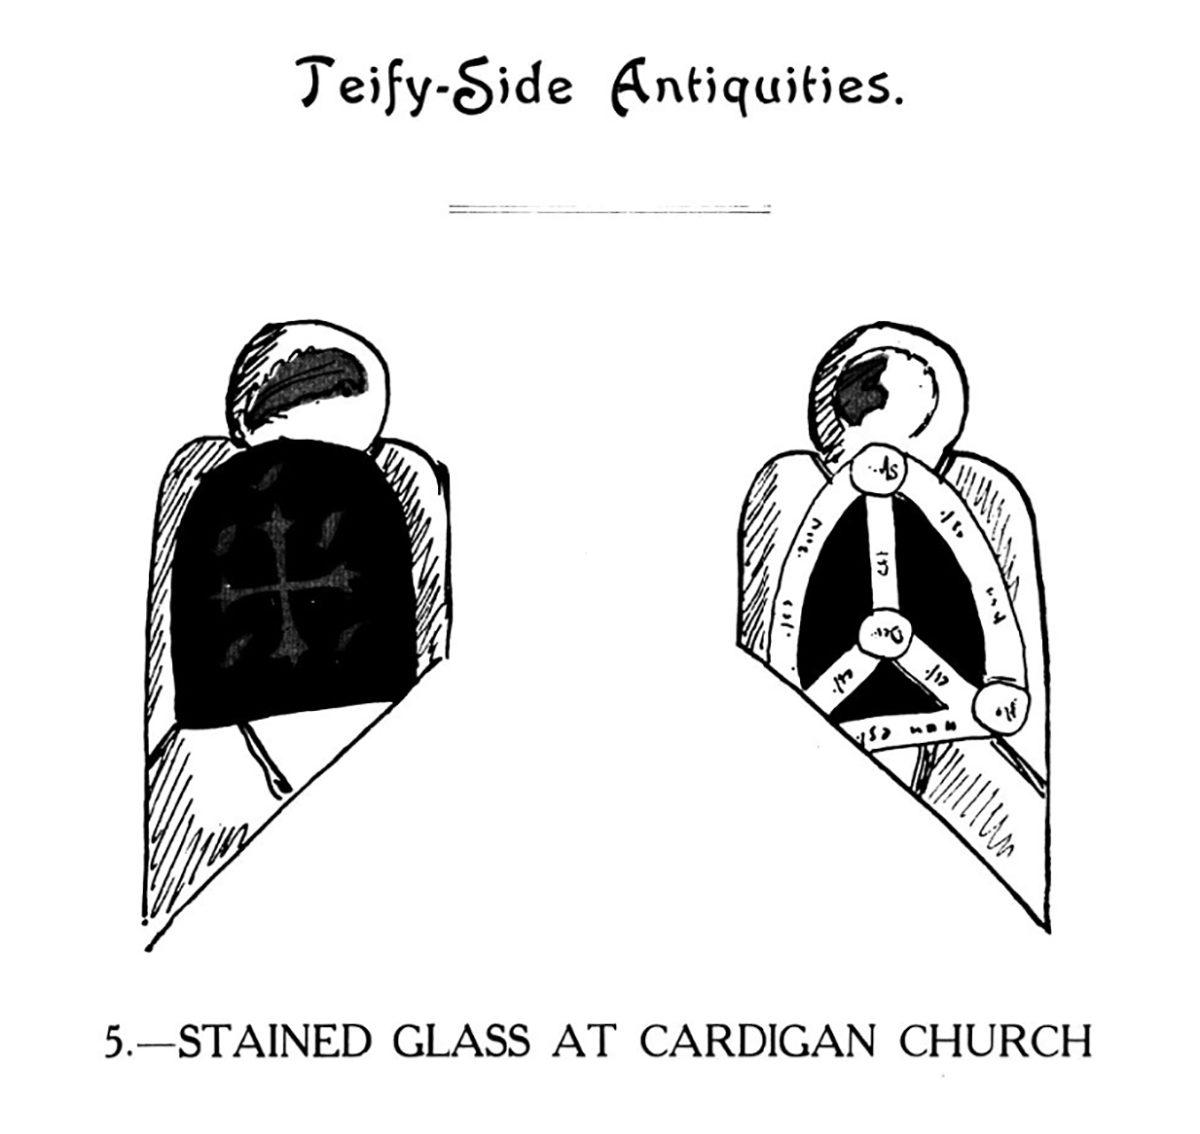 Hynafiaethau Teify-Side - Gwydr Lliw yn Eglwys Aberteifi